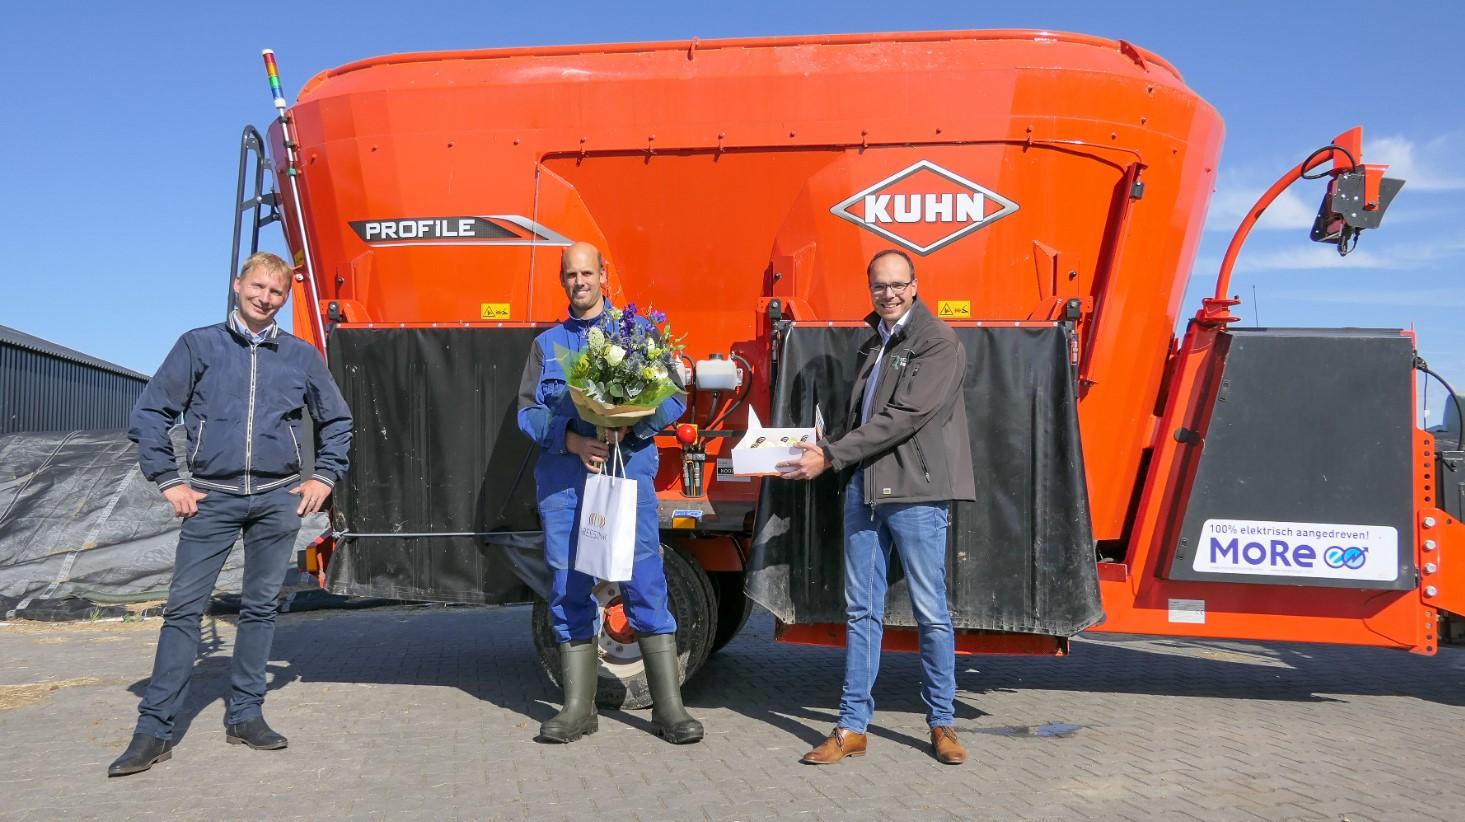 1e uitlevering van de KUHN More E elektrisch aangedreven voermengwagen Gert-Jan en Stef